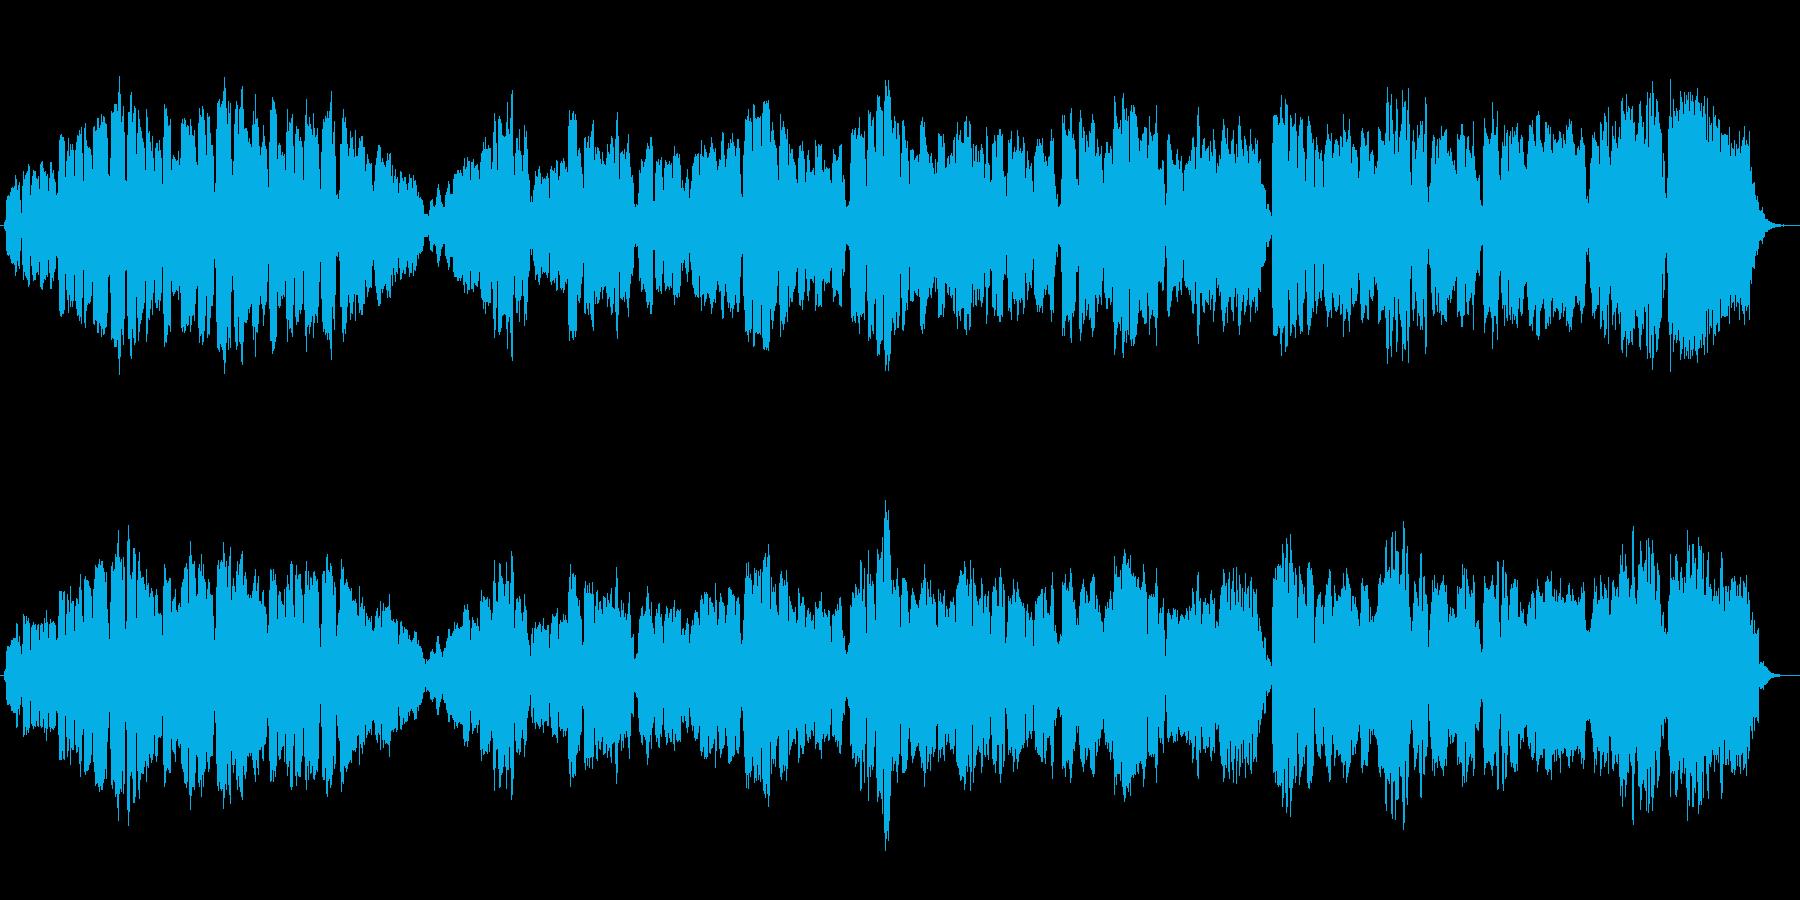 オリジナル木管三重奏の哀愁がある曲の再生済みの波形